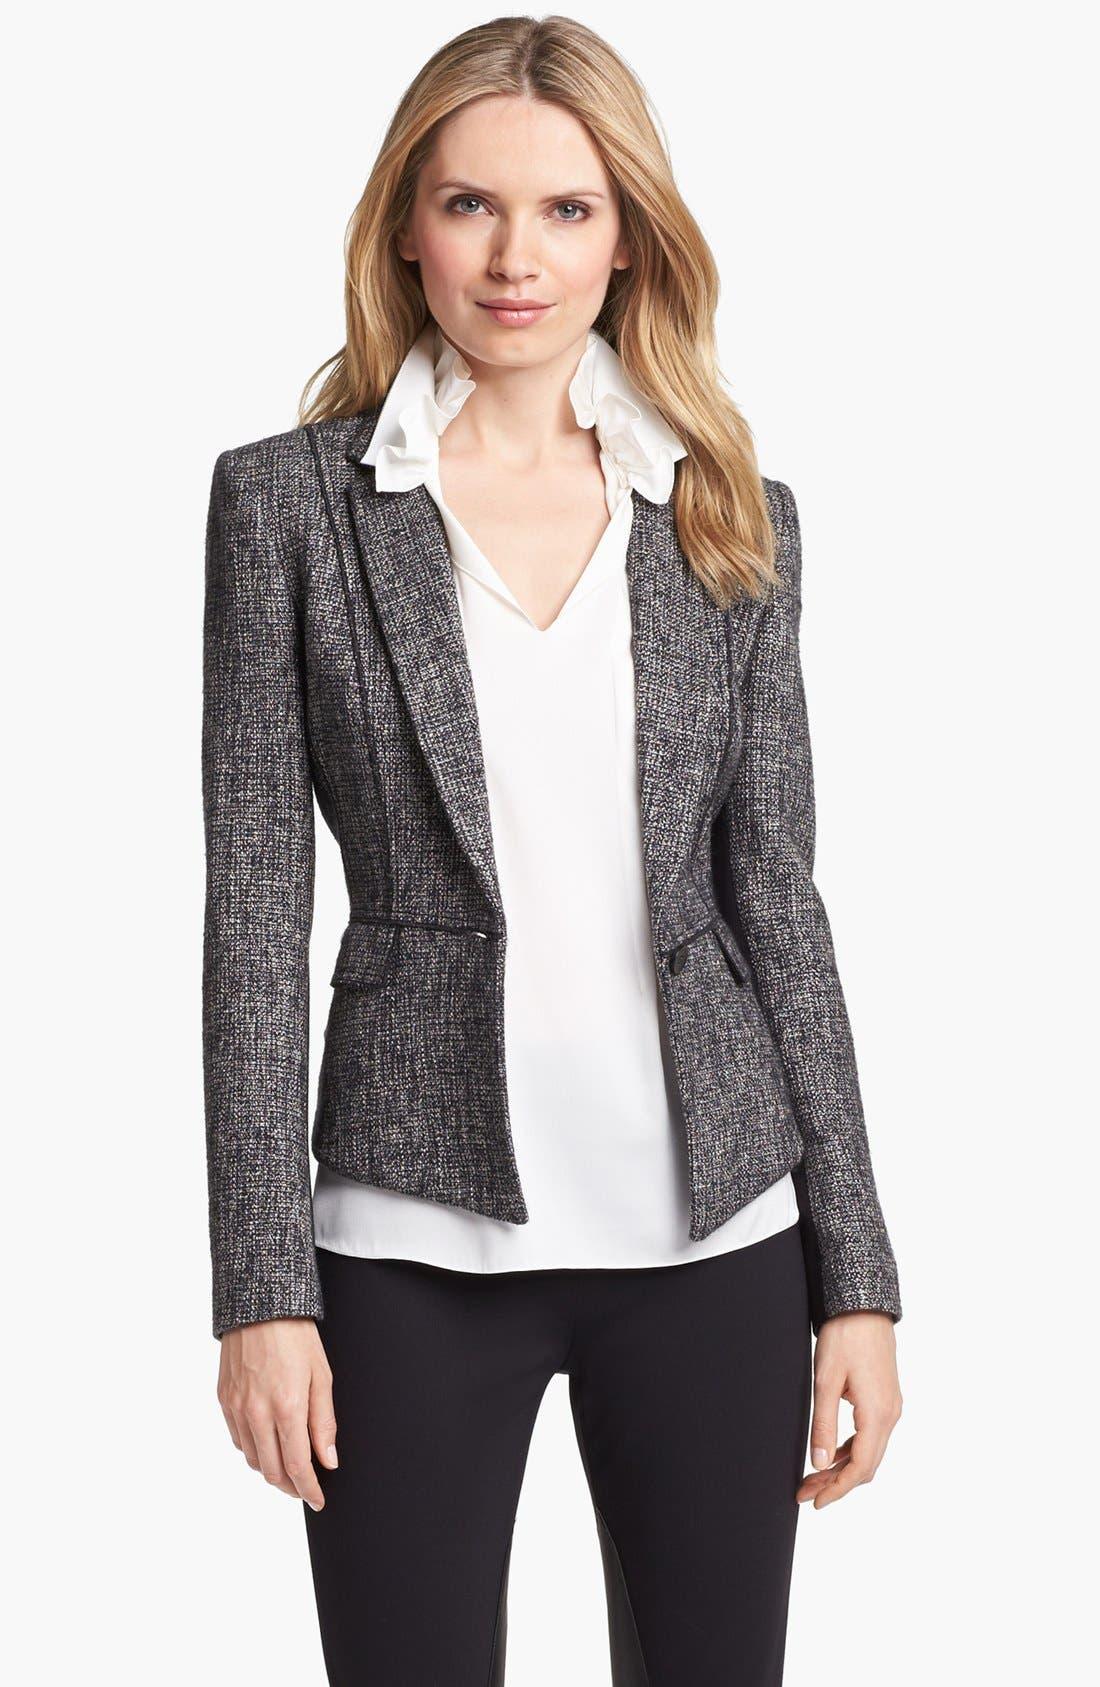 Alternate Image 1 Selected - Elie Tahari 'Minka' Metallic Tweed Jacket